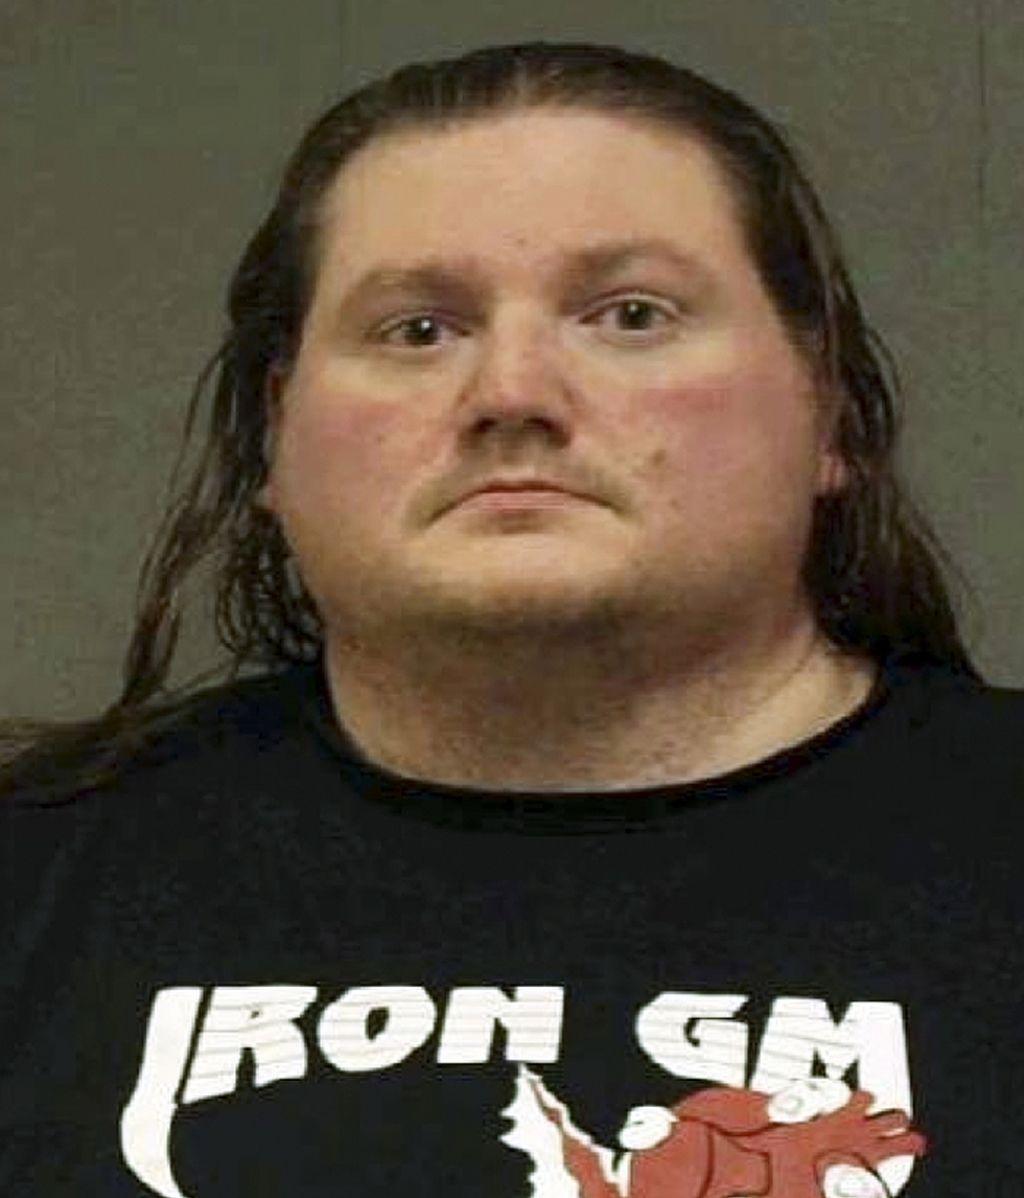 Condenado a 26 años de cárcel por  planear secuestrar, violar y comerse a niños